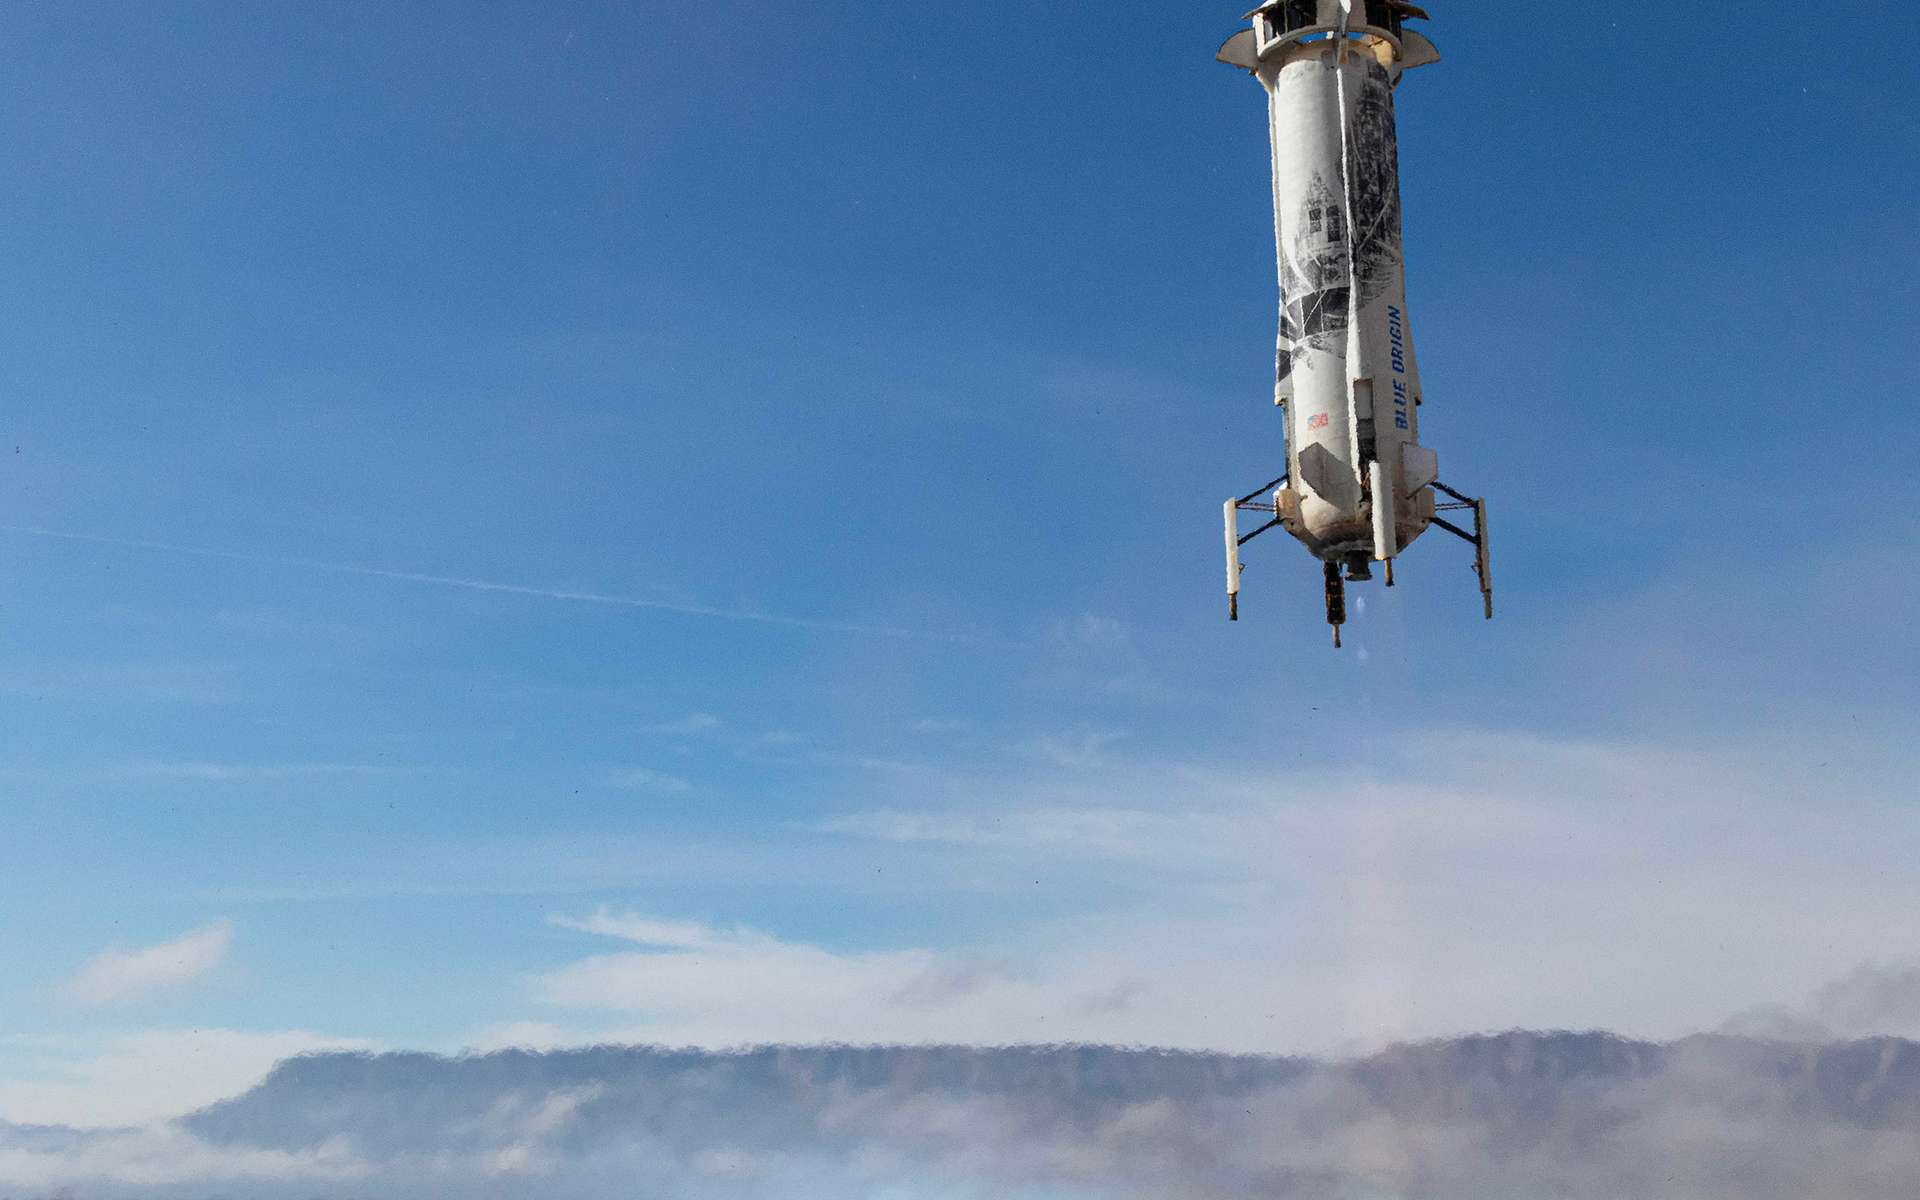 Le New Shepard en phase d'atterrissage lors de sa sixième mission consécutive, en décembre 2019. © Blue Origin